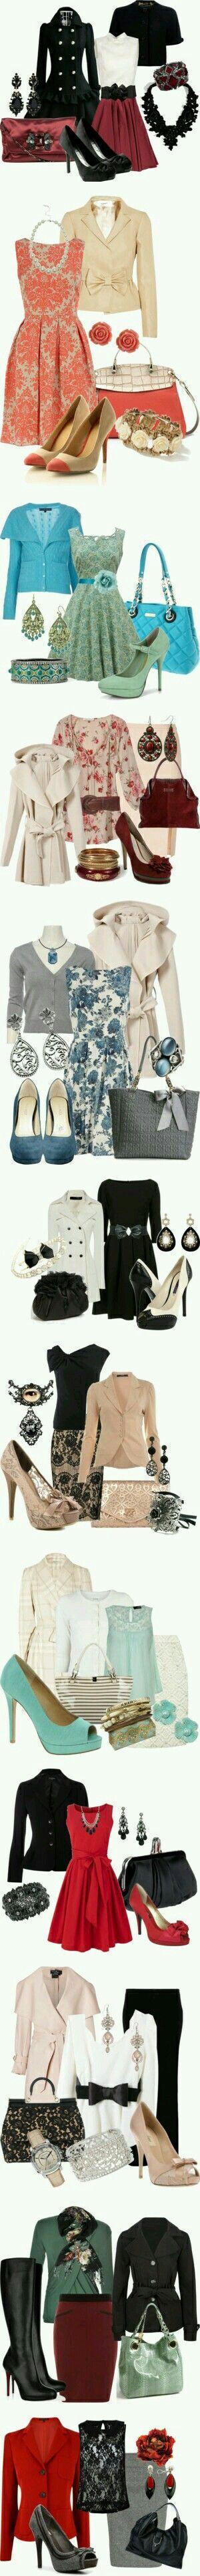 Look para la semana... #Casual #Formal #Chic #moda